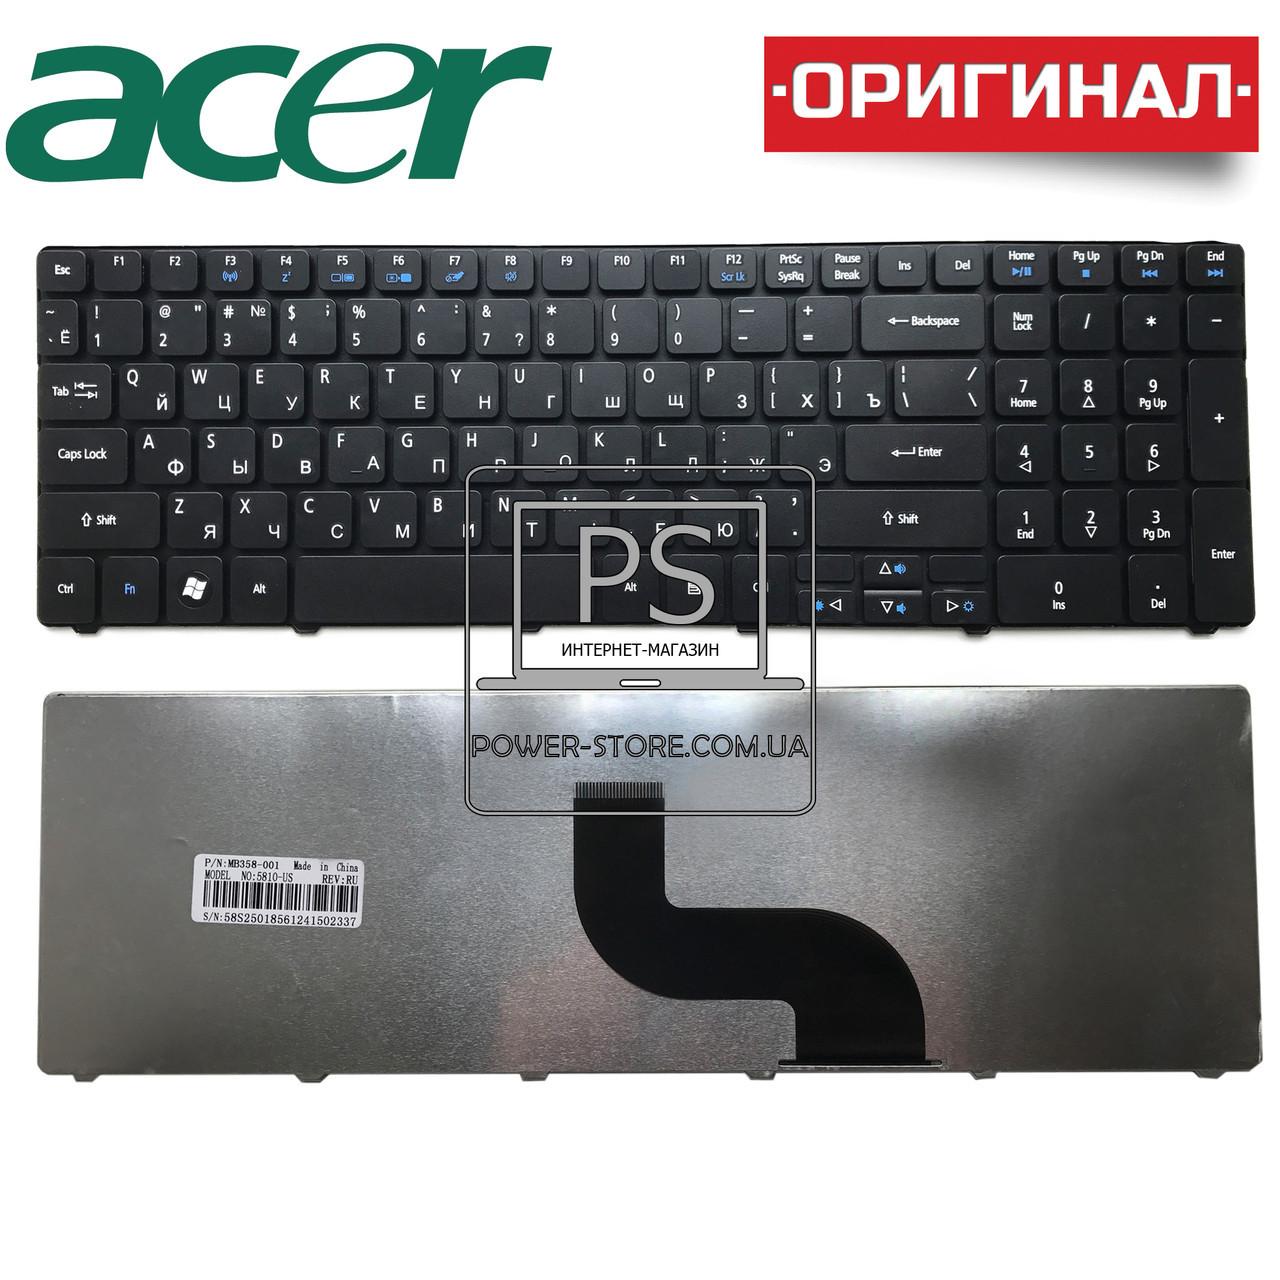 Клавиатура  для ноутбука ACER PK1309F2016, PK130B72017, PK130B73017, PK130C82004,